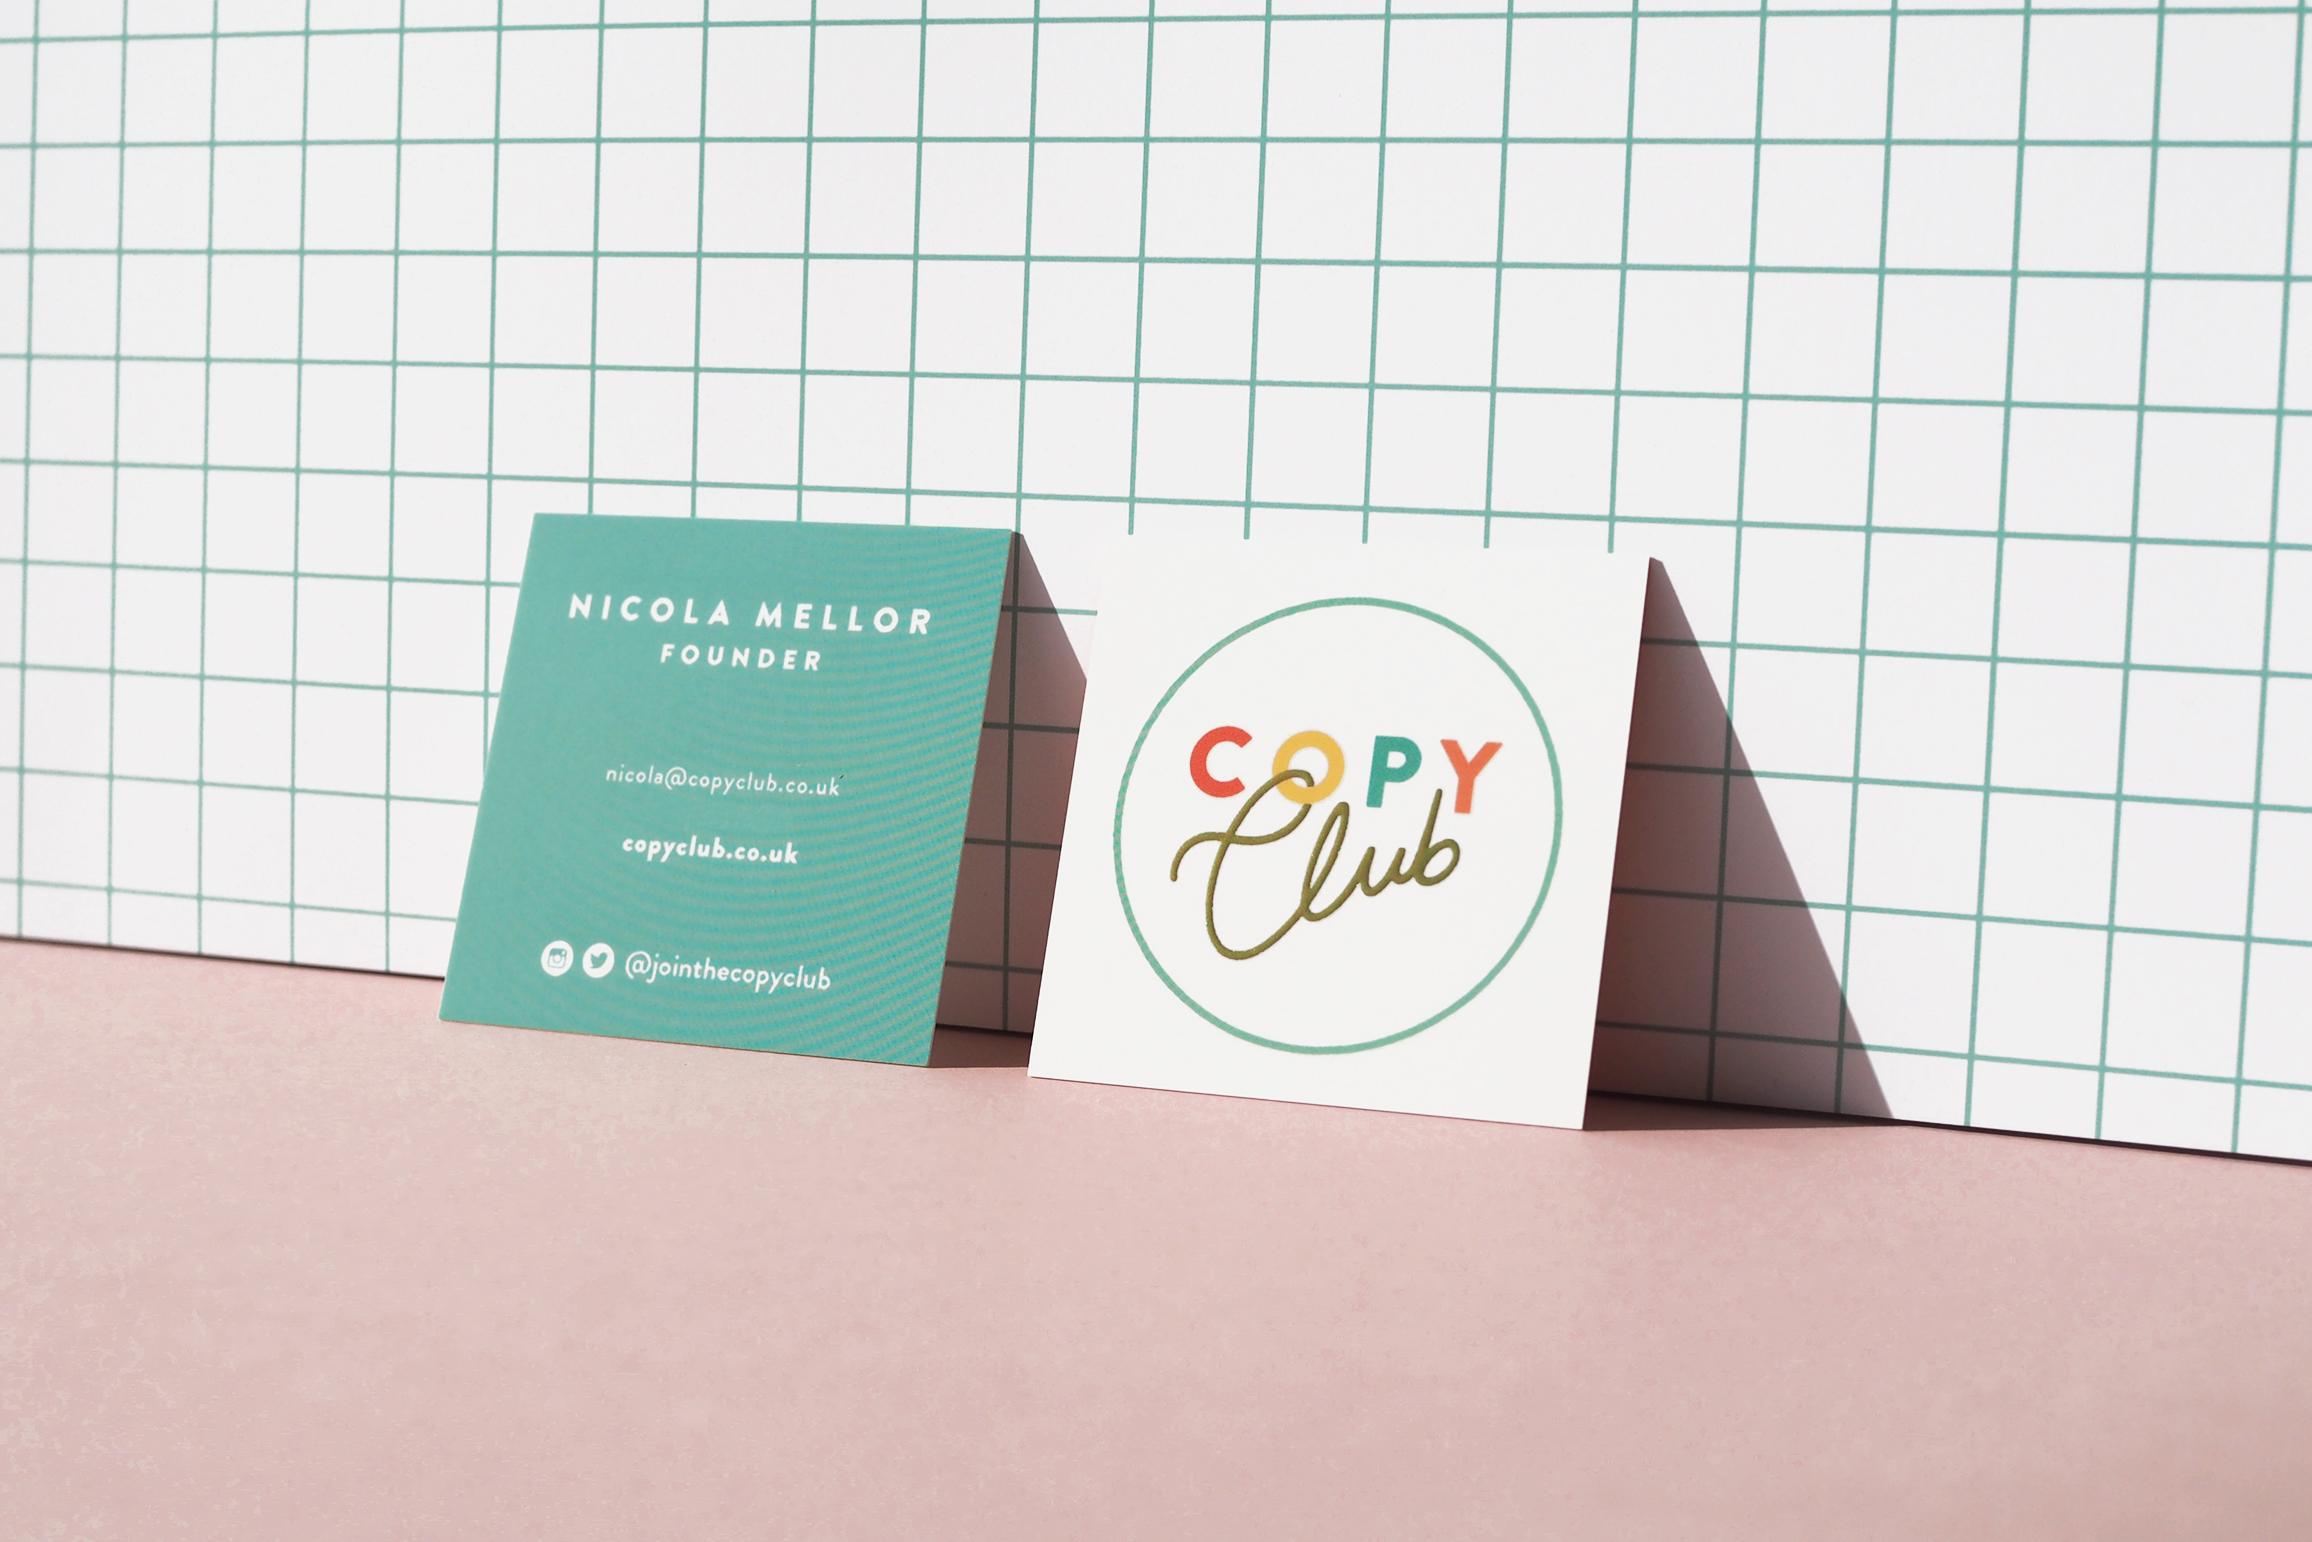 copy_club_identity_design_business_card.jpg